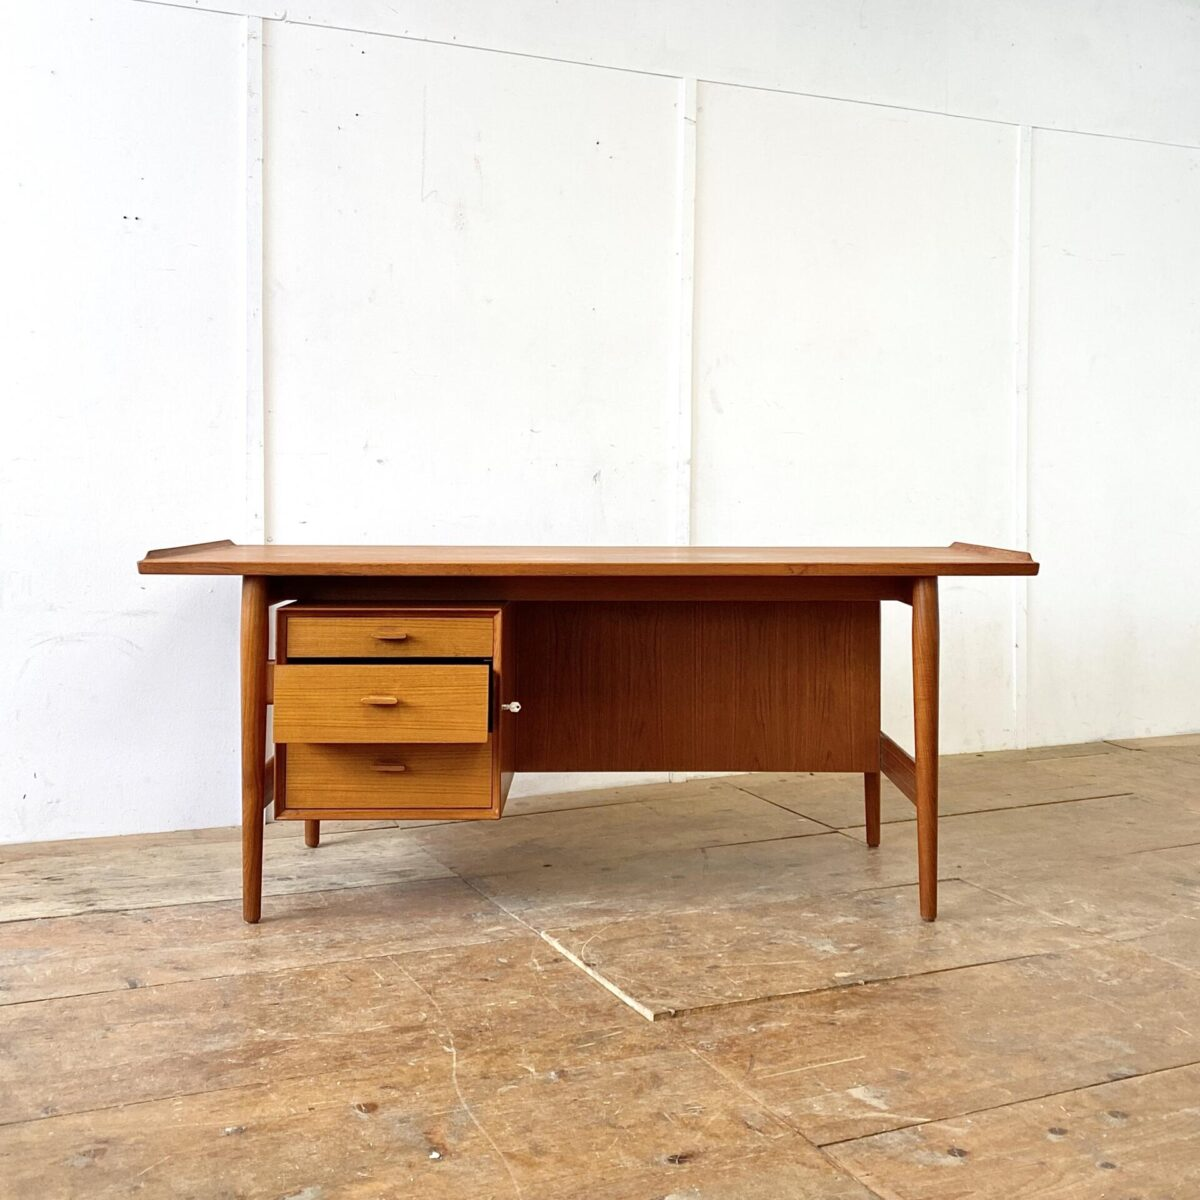 Deuxieme.shop Midcentury Teak Schreibtisch von Arne Vodder für Sibast. 178x79.5cm Höhe 72.5cm. Der Schreibtisch wurde in Dänemark, in den 60er Jahren, hergestellt. Sehr hochwertig verarbeitet, das Tischblatt hat im Bereich einer Schreibunterlage ein leichter Farbunterschied. Ansonsten alles in sehr gepflegtem Original Zustand. Der Schubladenkorpus ist abschliessbar, Schubladengriffe mit Chromstahl Details.